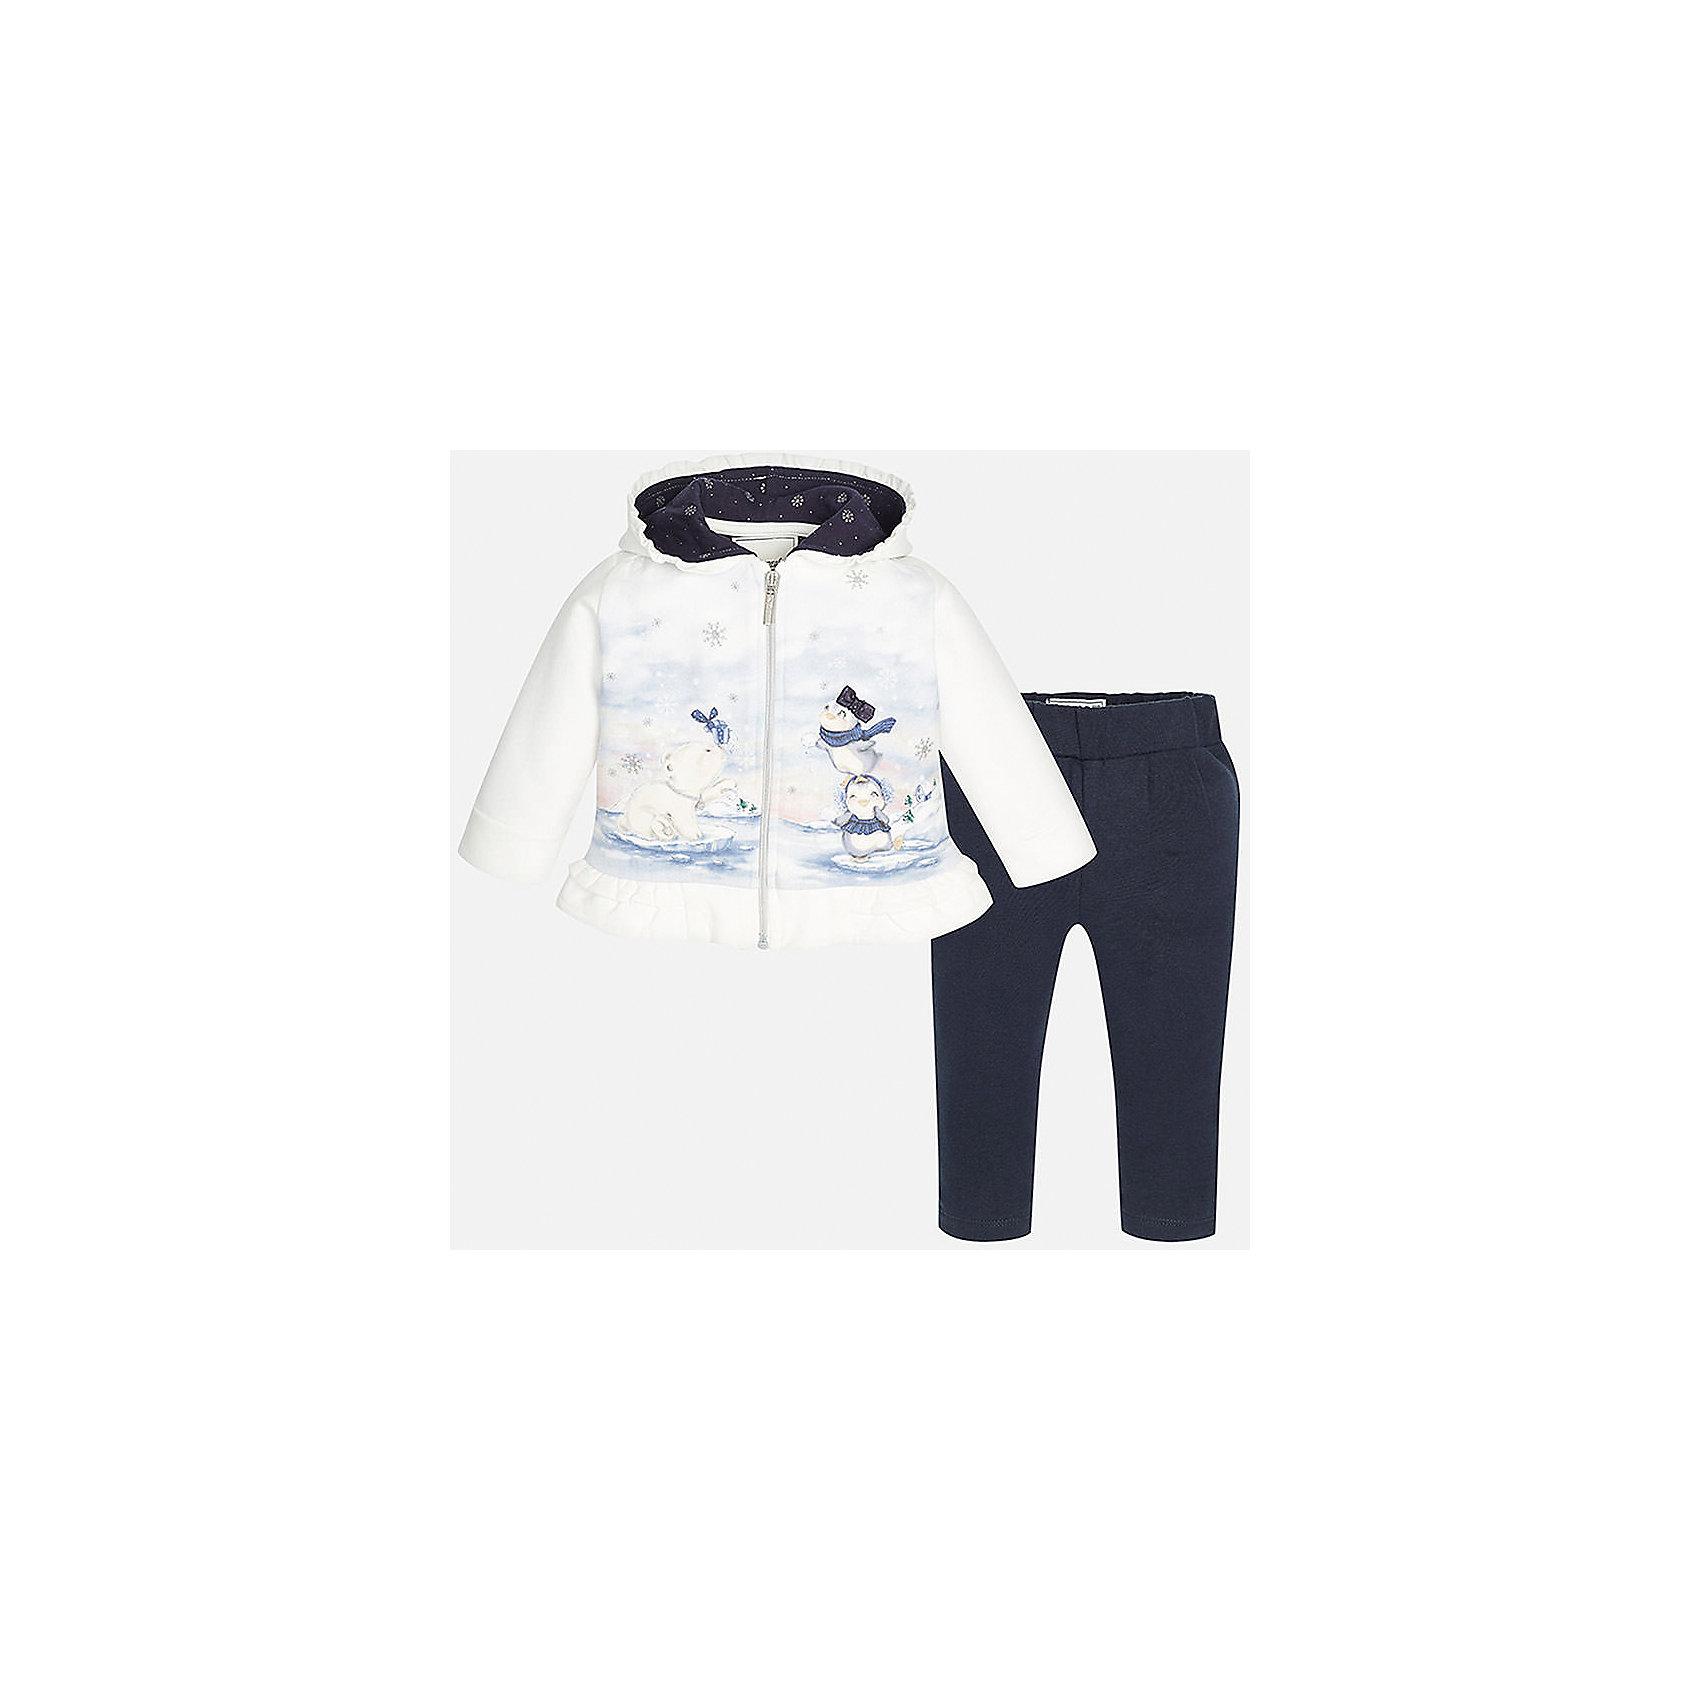 Спортивный костюм для девочки MayoralКомплекты<br>Спортивный костюм торговой марки    Майорал -Mayoral  для девочек. Спортивный костюм состоит из белой куртки с изображением симпатичных  зверушек с капюшоном и темно-синих спортивных брюк. Куртка выполнена из мягкого синтепона с утеплителем, внутри имеет флисовую подкладку; застегивается куртка на молнию. Капюшон изнутри дополнен синей подкладкой со снежинками. <br> <br>Дополнительная информация: <br><br>цвет: синий, белый<br>состав: хлопок 98%,эластан 2%<br>длина рукава: длинные<br>фактура материала: текстильный<br>вид застежки: молния<br>тип карманов: втачные<br>параметры брючин: ширина брючин - низ: 9 см; длина по внутреннему шву: 21 см<br>покрой: прямой<br>утеплитель: синтепон<br>уход за вещами: бережная стирка при 30 градусах<br>рисунок: с рисунком<br>длина изделия: верх: 38 см; низ: 31 см<br>плотность: утеплителя: 1 г/кв.м<br>назначение: повседневная<br>сезон: осень, зима, весна<br>пол: девочки<br>страна бренда: Испания<br>страна производитель: Индия<br>комплектация: куртка, брюки<br><br>Спортивный костюм    торговой марки    Майорал  можно купить в нашем интернет-магазине.<br><br>Ширина мм: 247<br>Глубина мм: 16<br>Высота мм: 140<br>Вес г: 225<br>Цвет: синий<br>Возраст от месяцев: 6<br>Возраст до месяцев: 9<br>Пол: Женский<br>Возраст: Детский<br>Размер: 74,80,86,92<br>SKU: 4846238